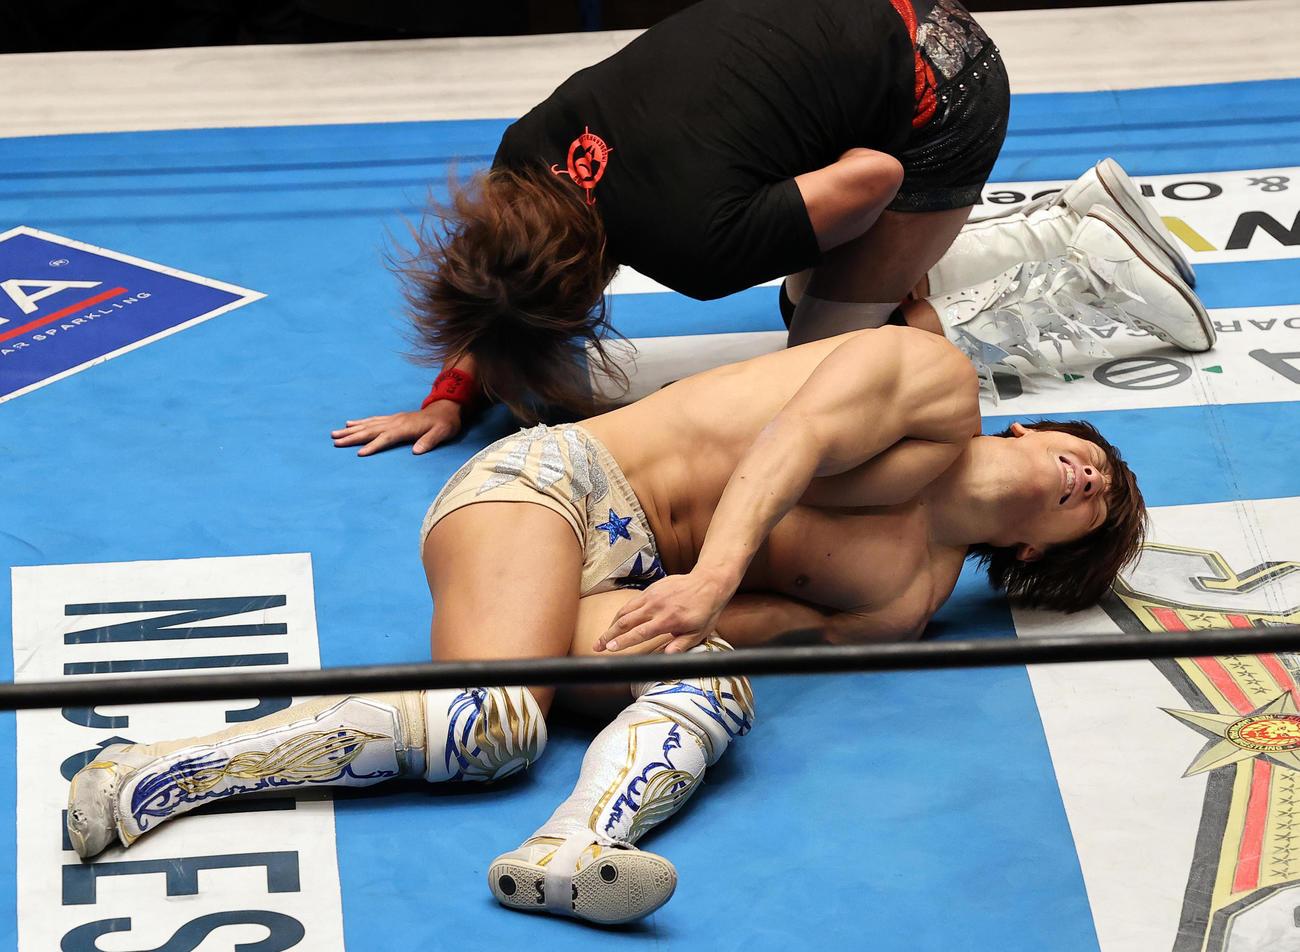 飯伏幸太(手前)は、内藤哲也に膝を攻められ痛がる(撮影・浅見桂子)